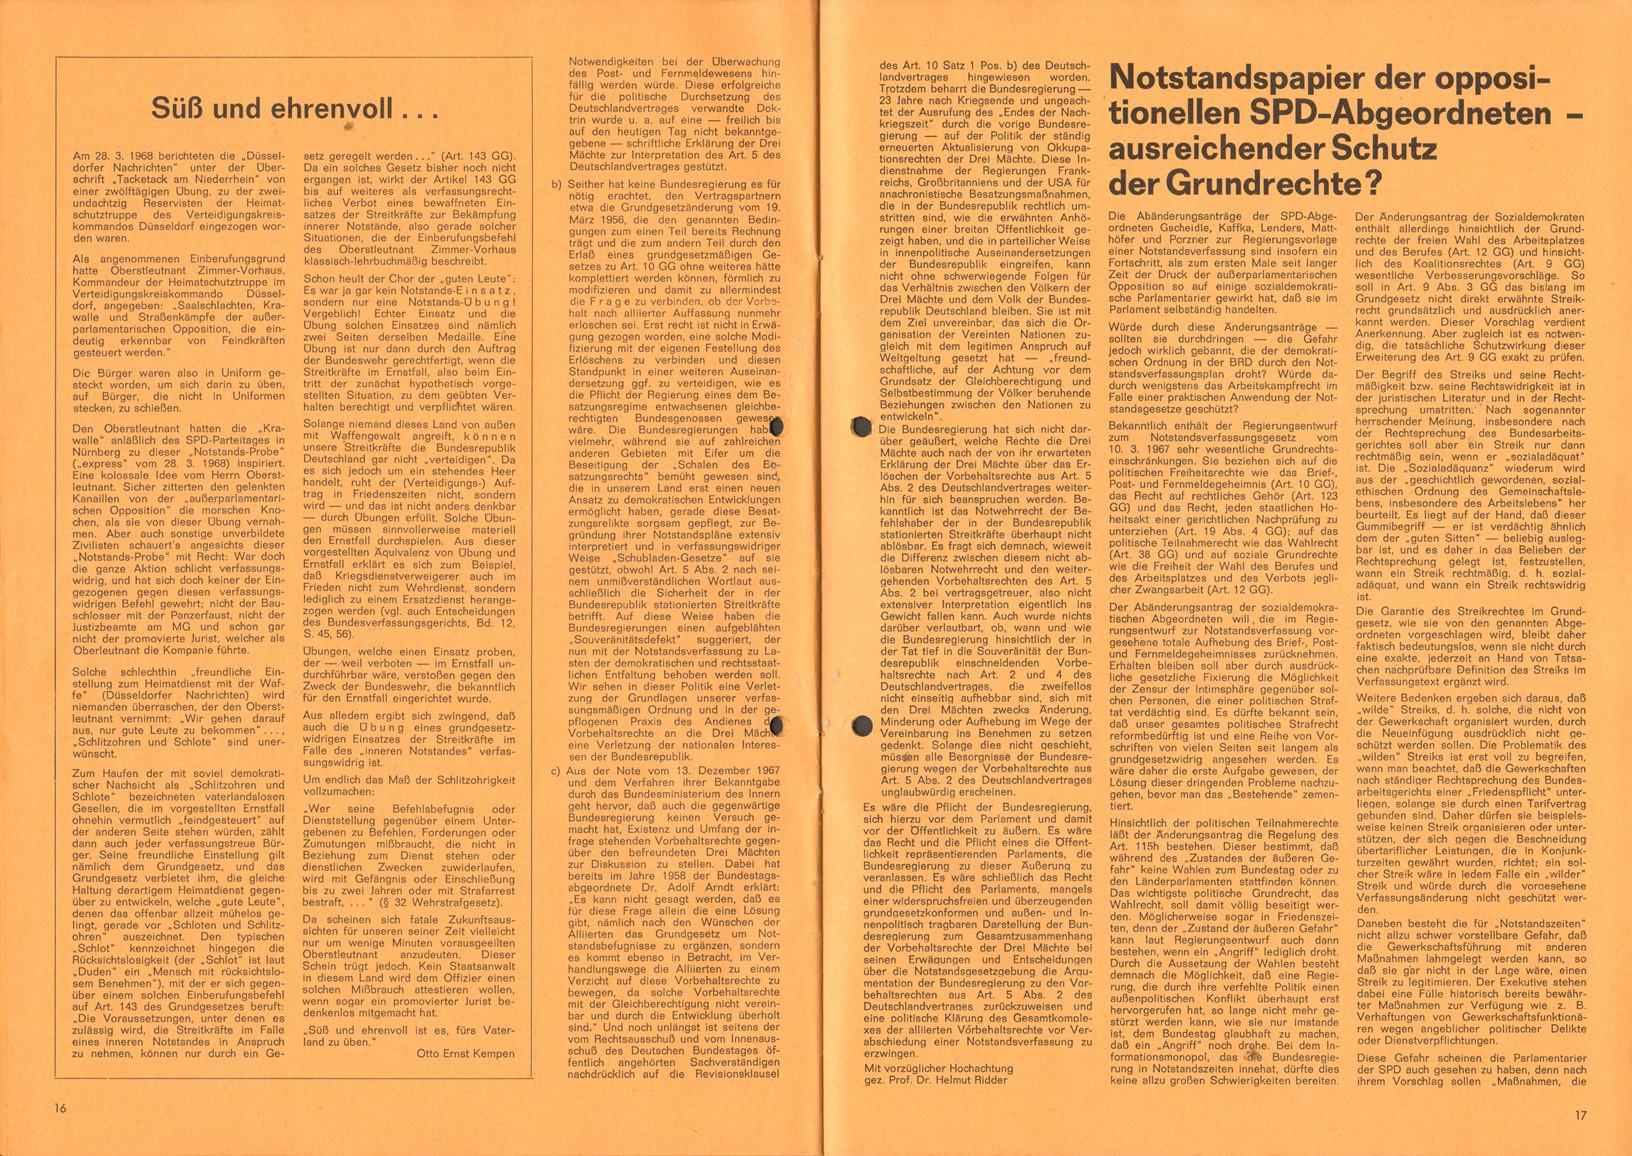 Informationen_zur_Abruestung_1968_057_058_009